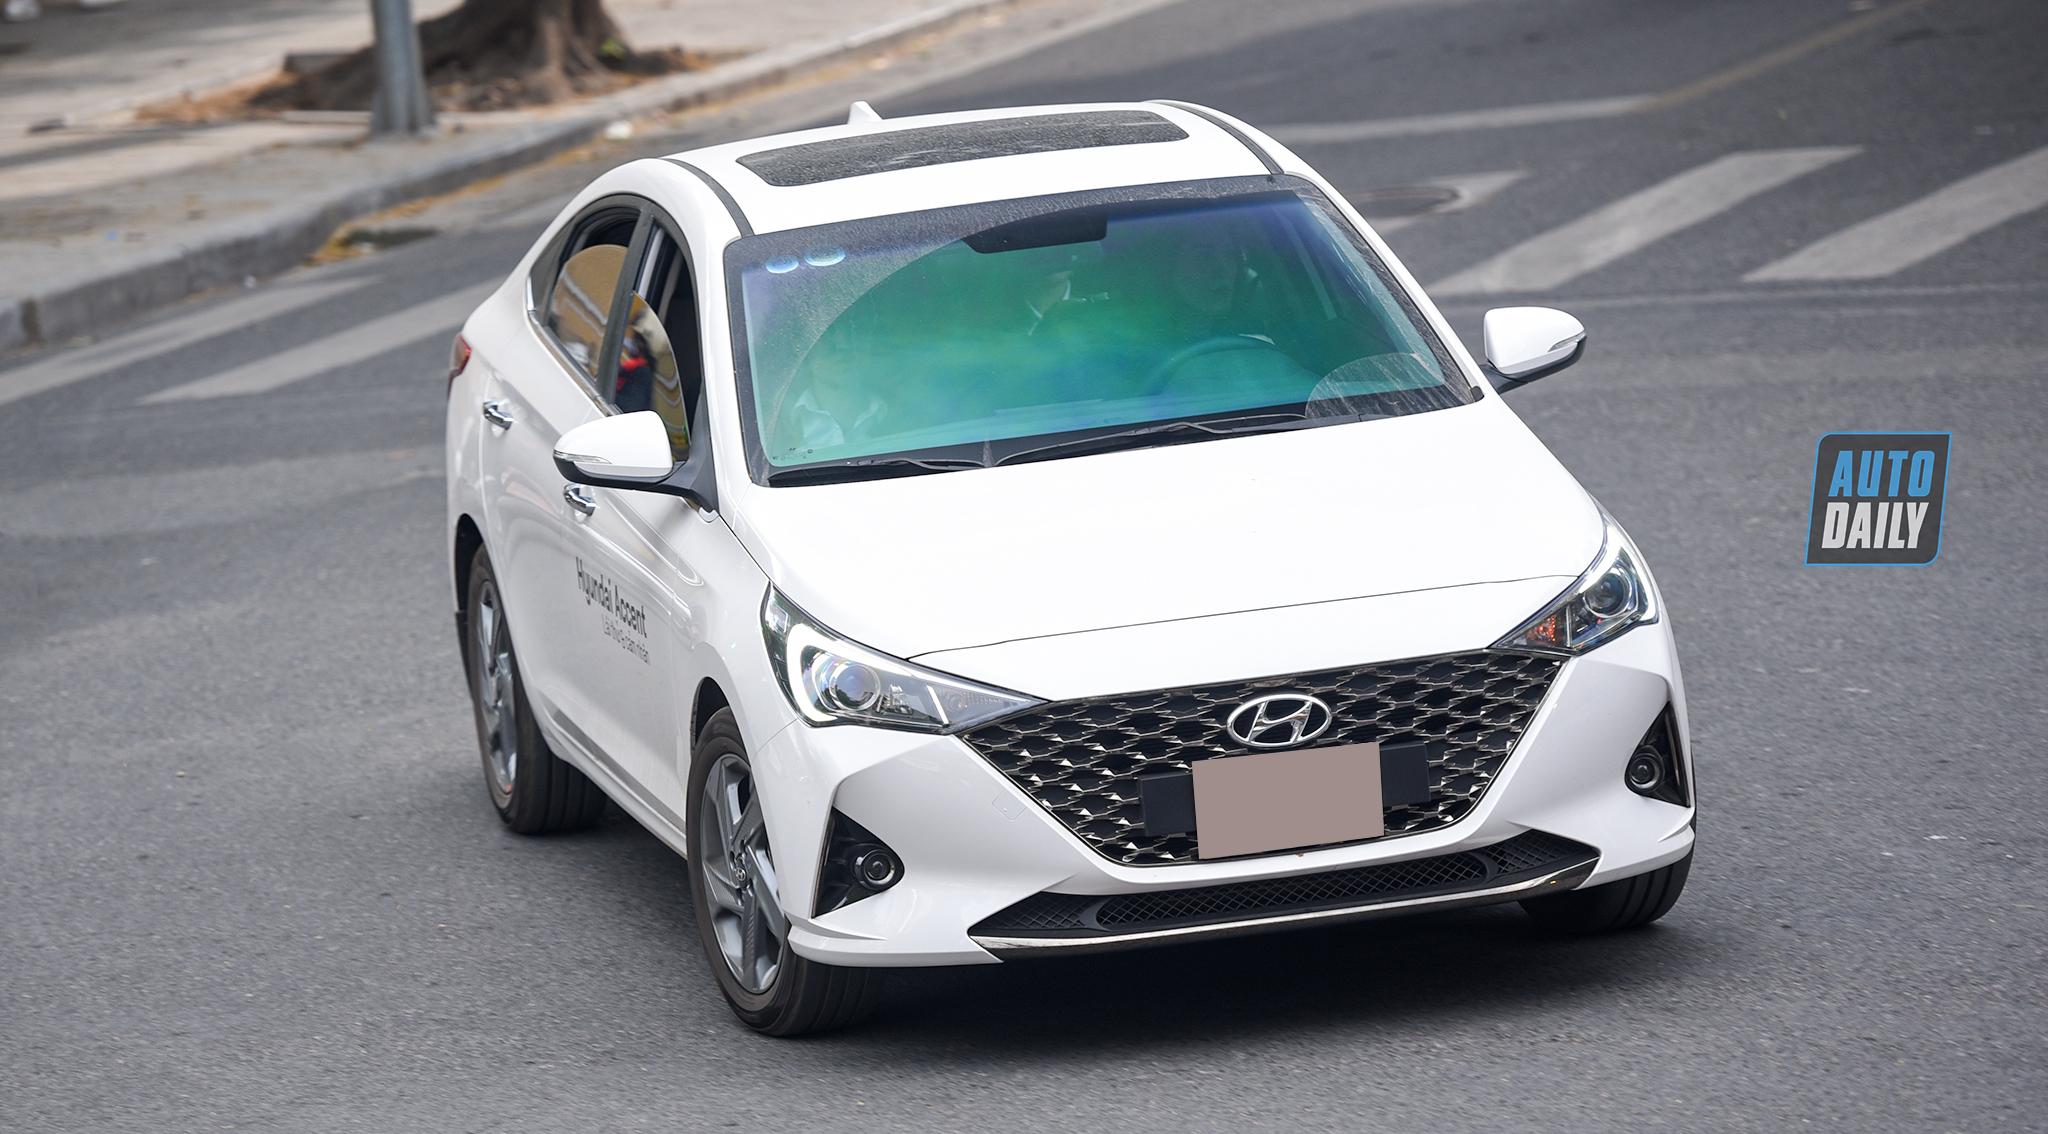 Hyundai có cơ hội năm thứ 2 liên tiếp vượt Toyota trong cuộc đua doanh số